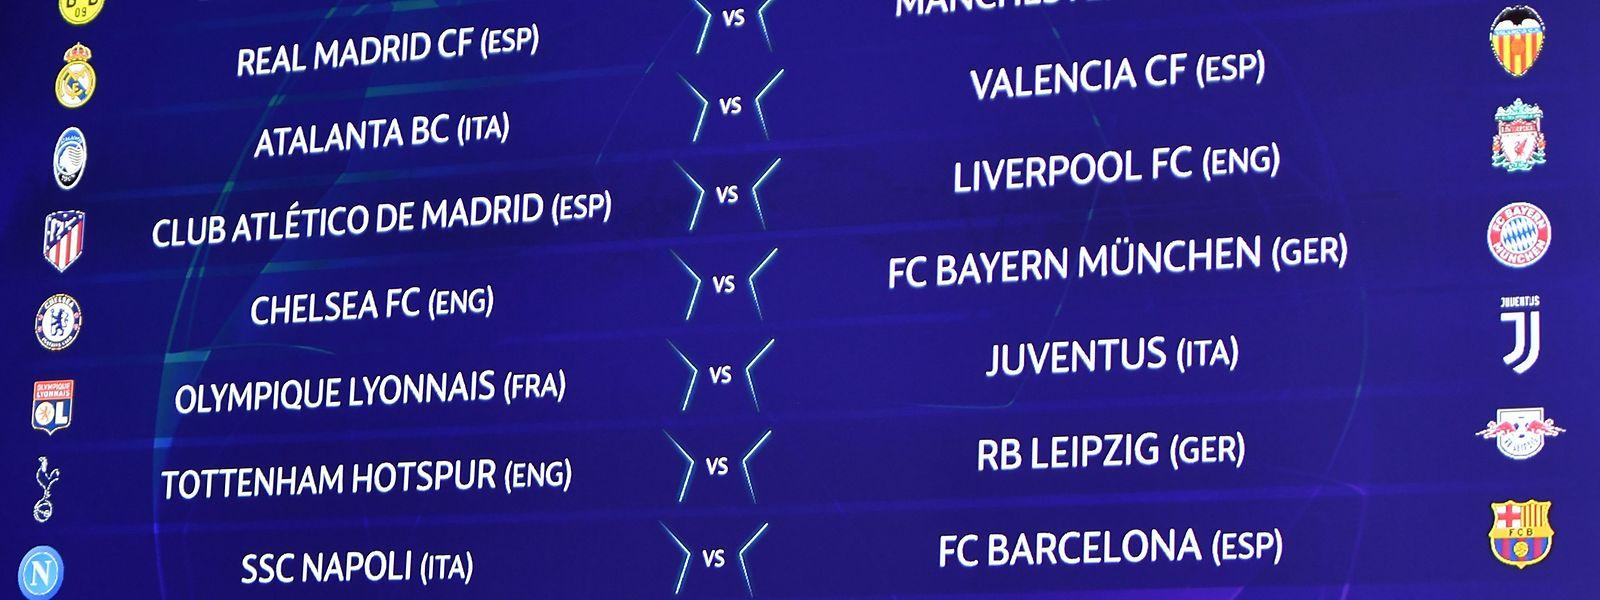 Chelsera défiera le Bayern en huitièmes. Un remake de la finale de 2012 perdue par les Bavarois.